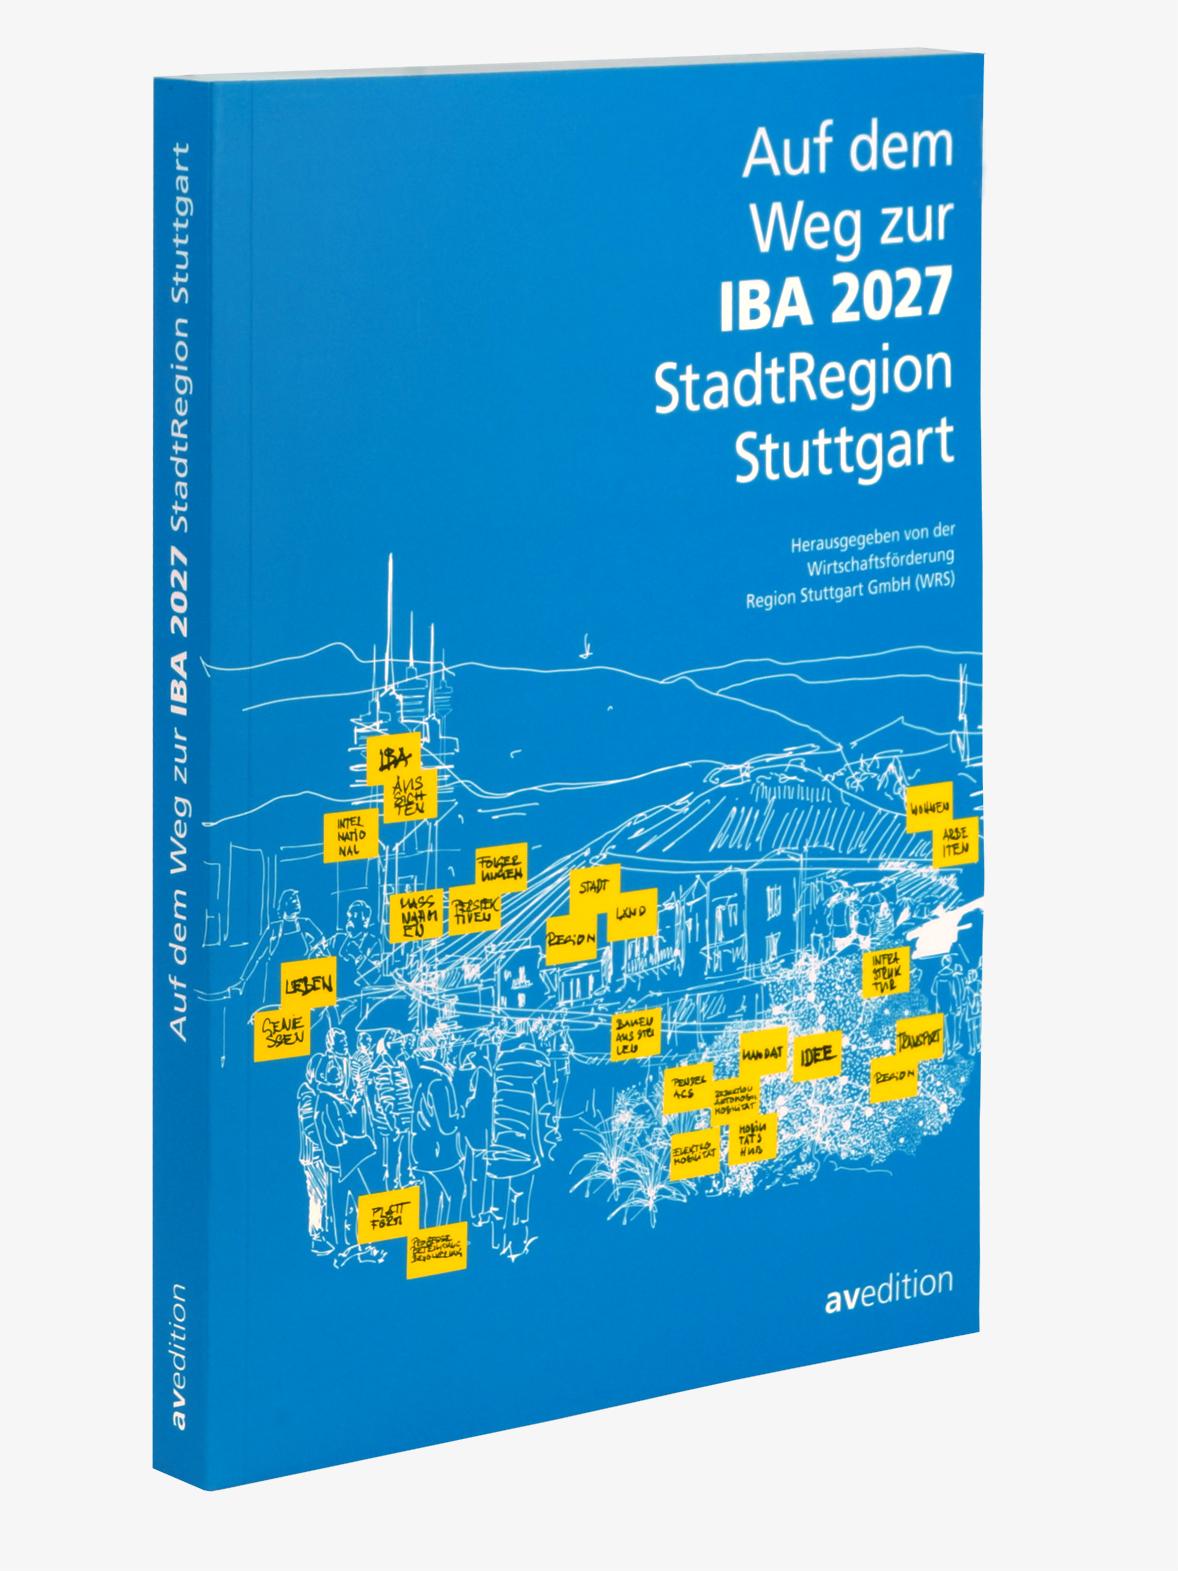 Auf dem Weg zur IBA 2027 StadtRegion Stuttgart